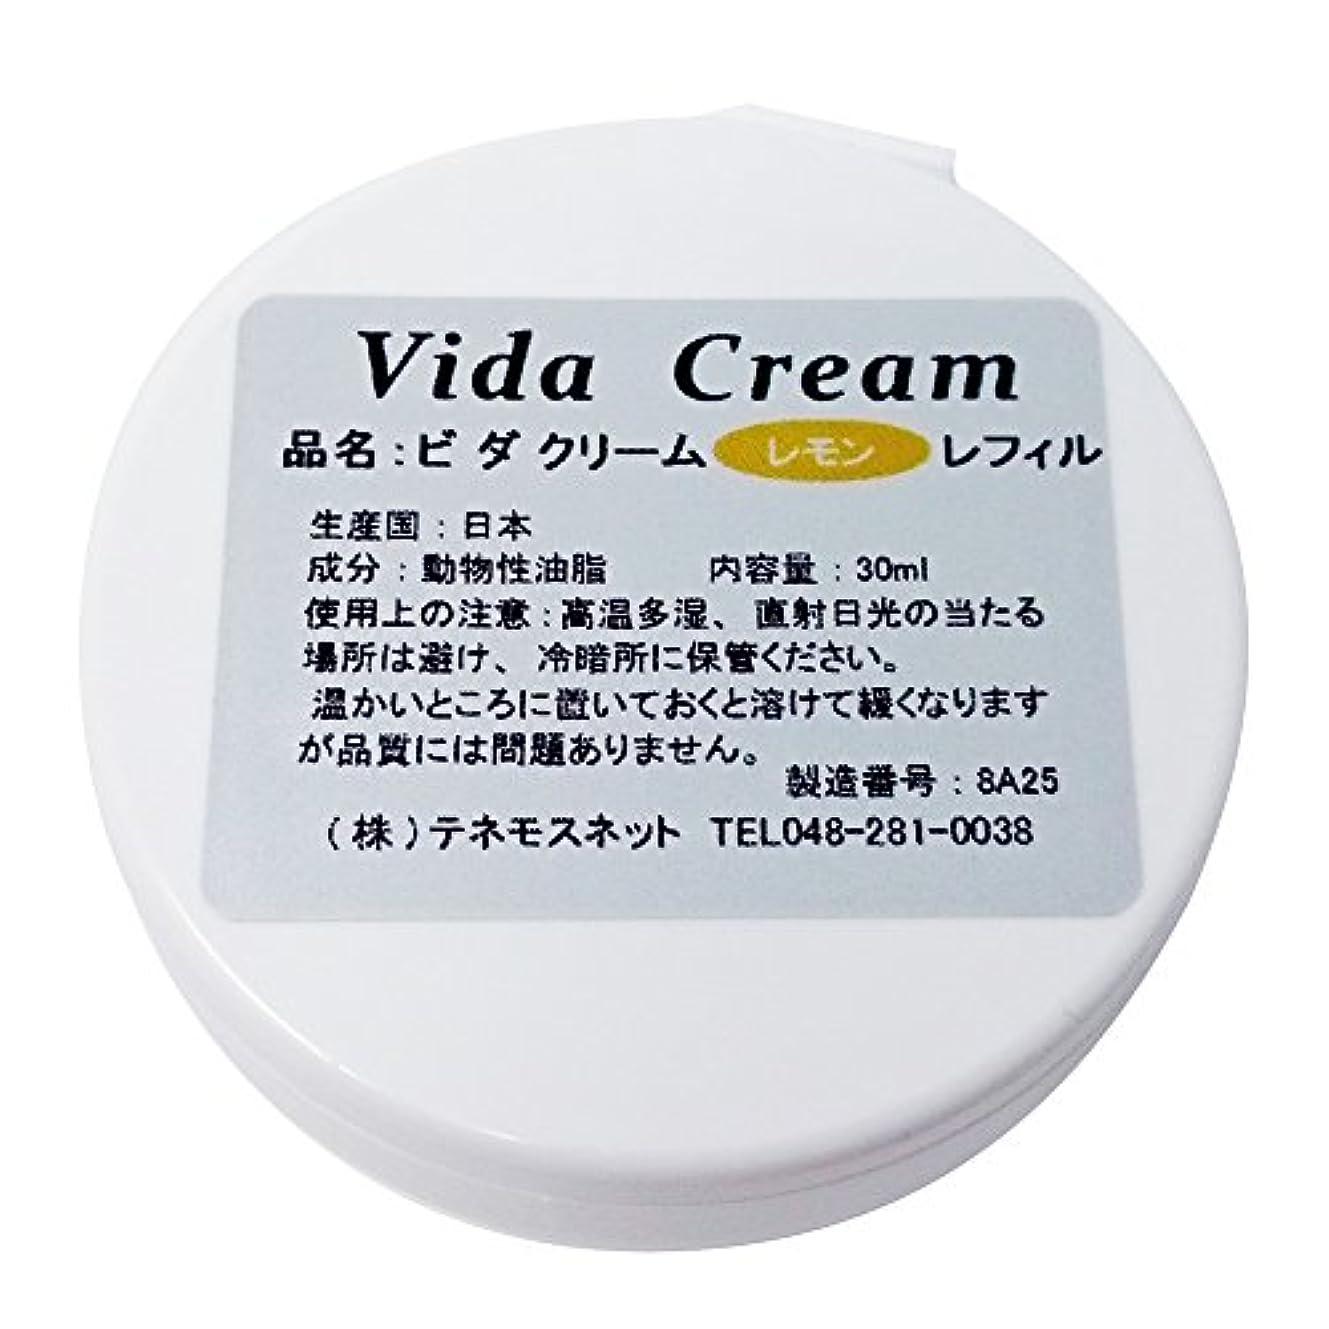 ドリルうそつきクリープテネモス ビダクリーム Vida Cream ほのかレモン レフィル 付替用 30ml